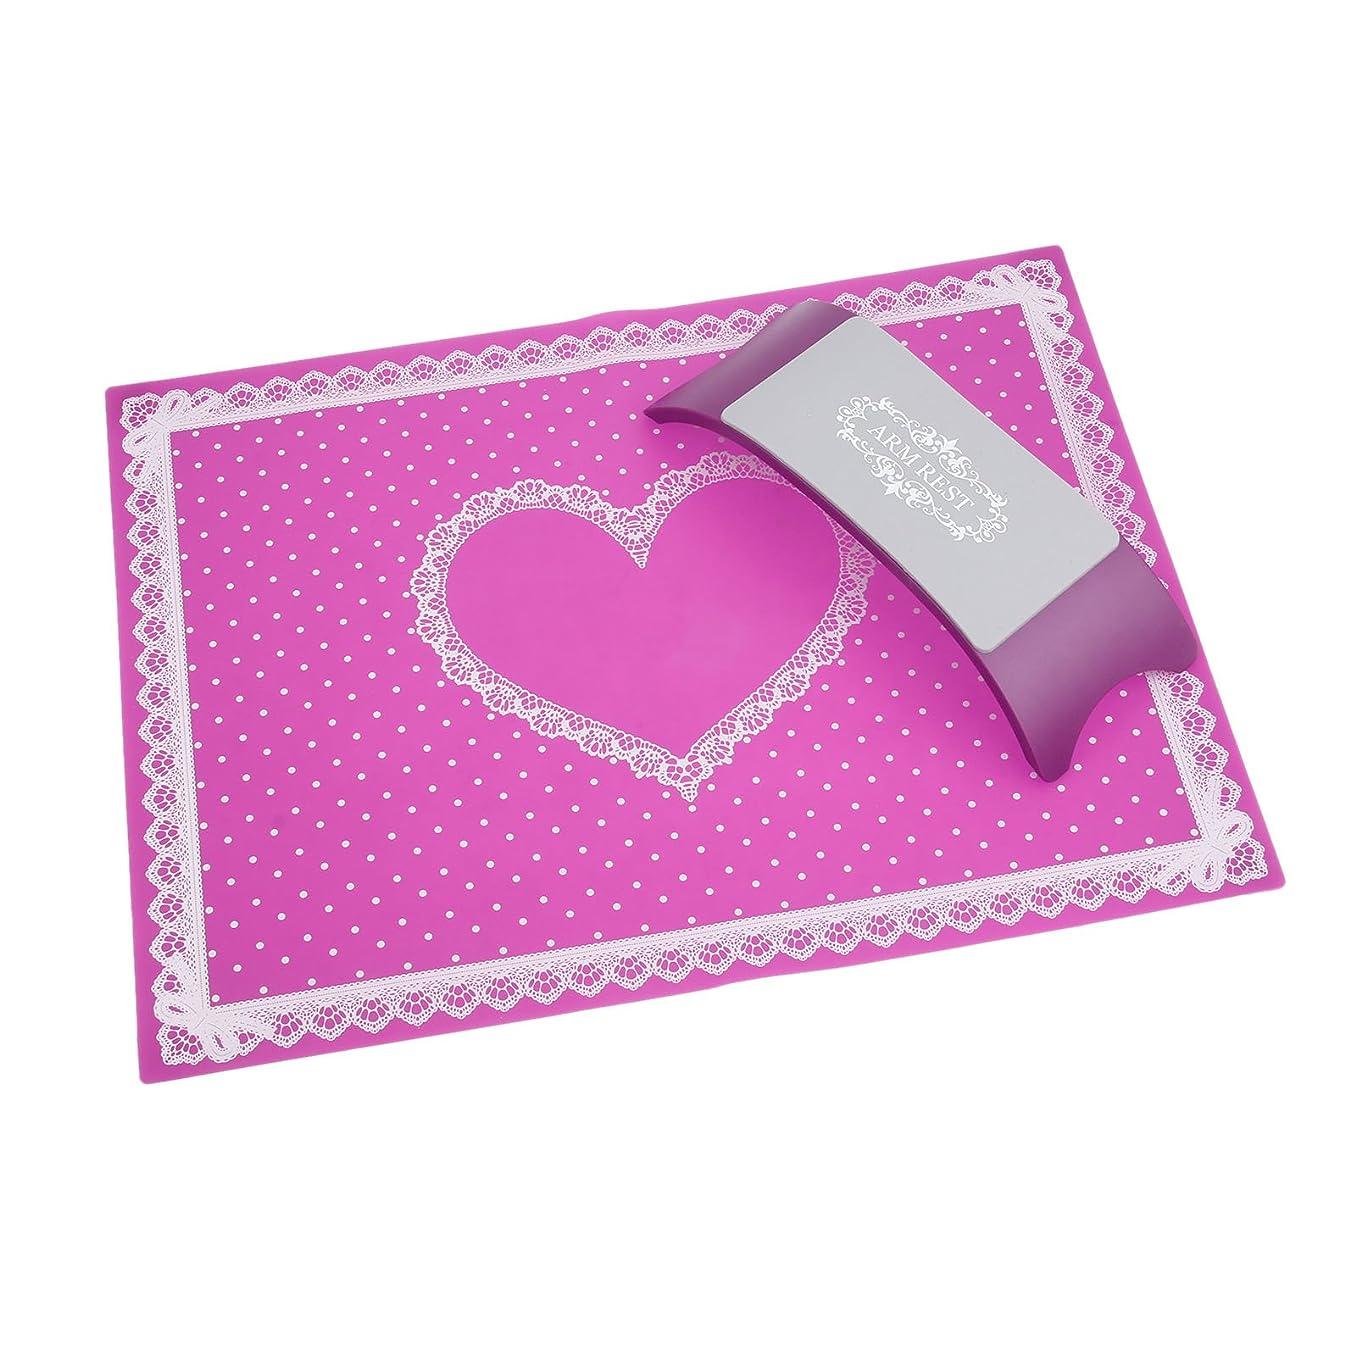 ポテトきゅうりワックスシリコン製 手枕&アームレストマットSET 可愛いポイントデザイン